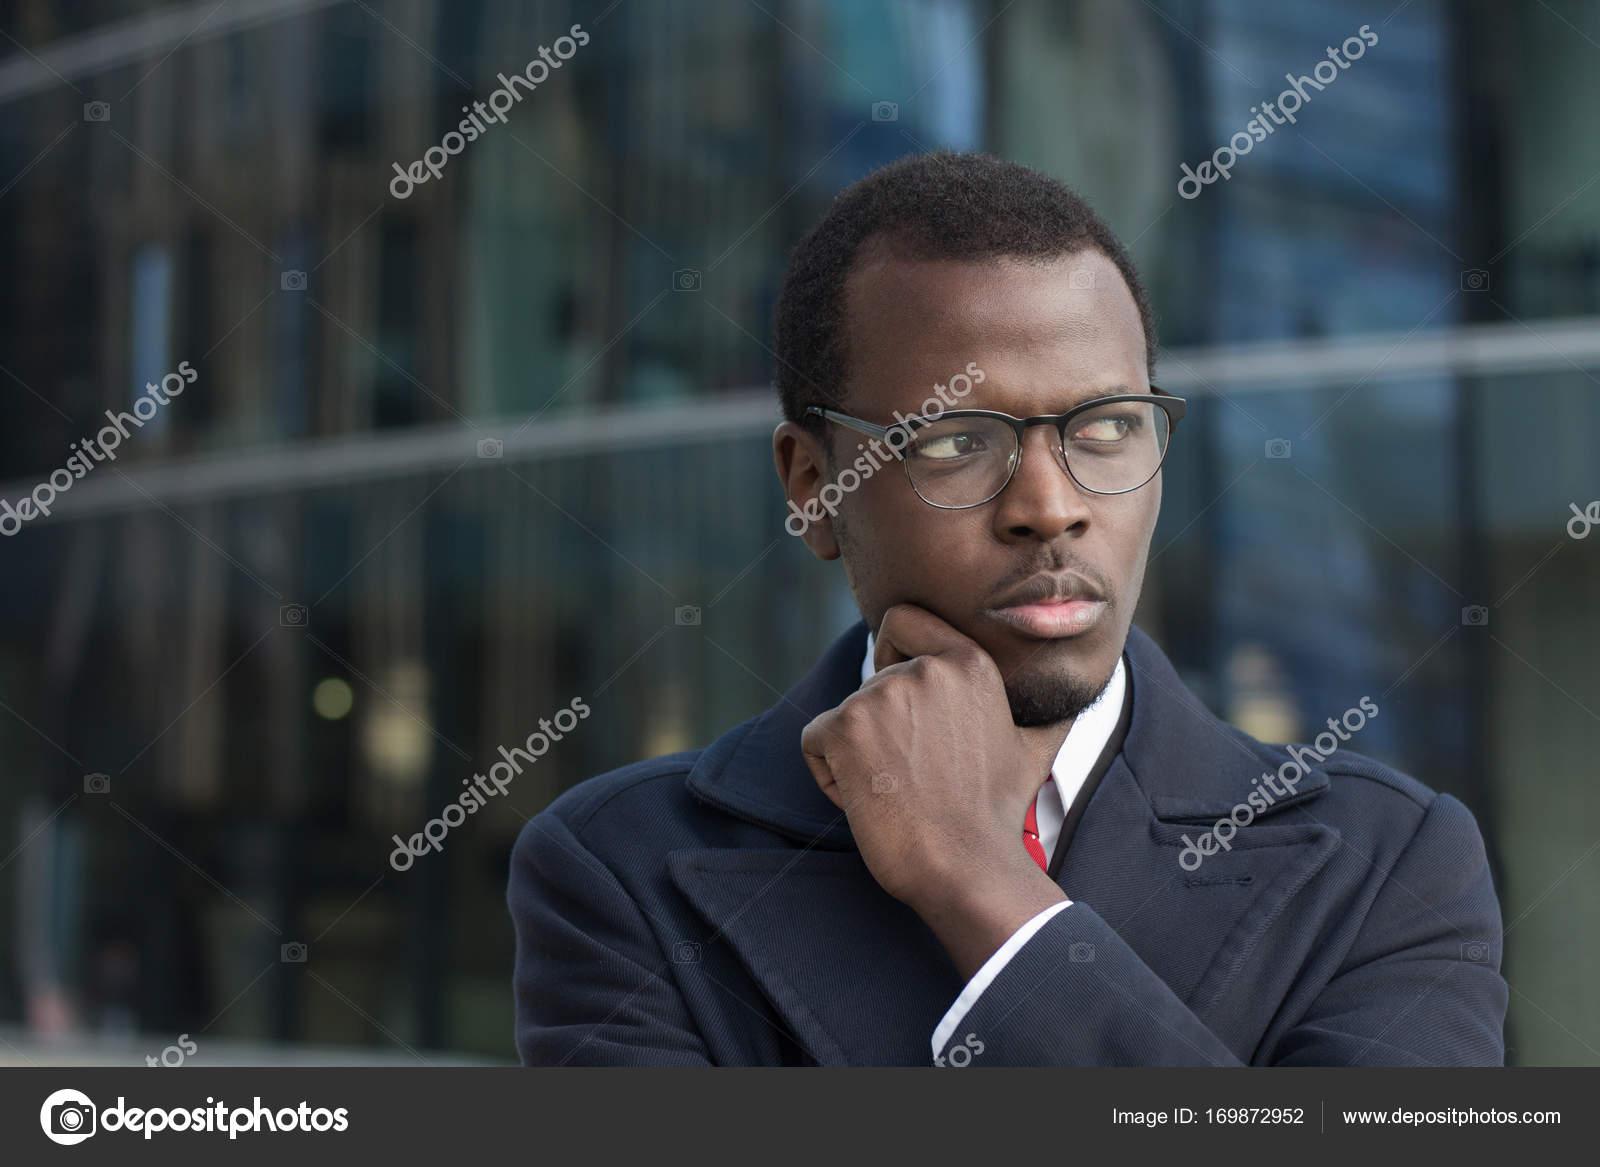 8baeeaf09 Headshot horizontal do jovem negro masculino em pé no revestimento ...